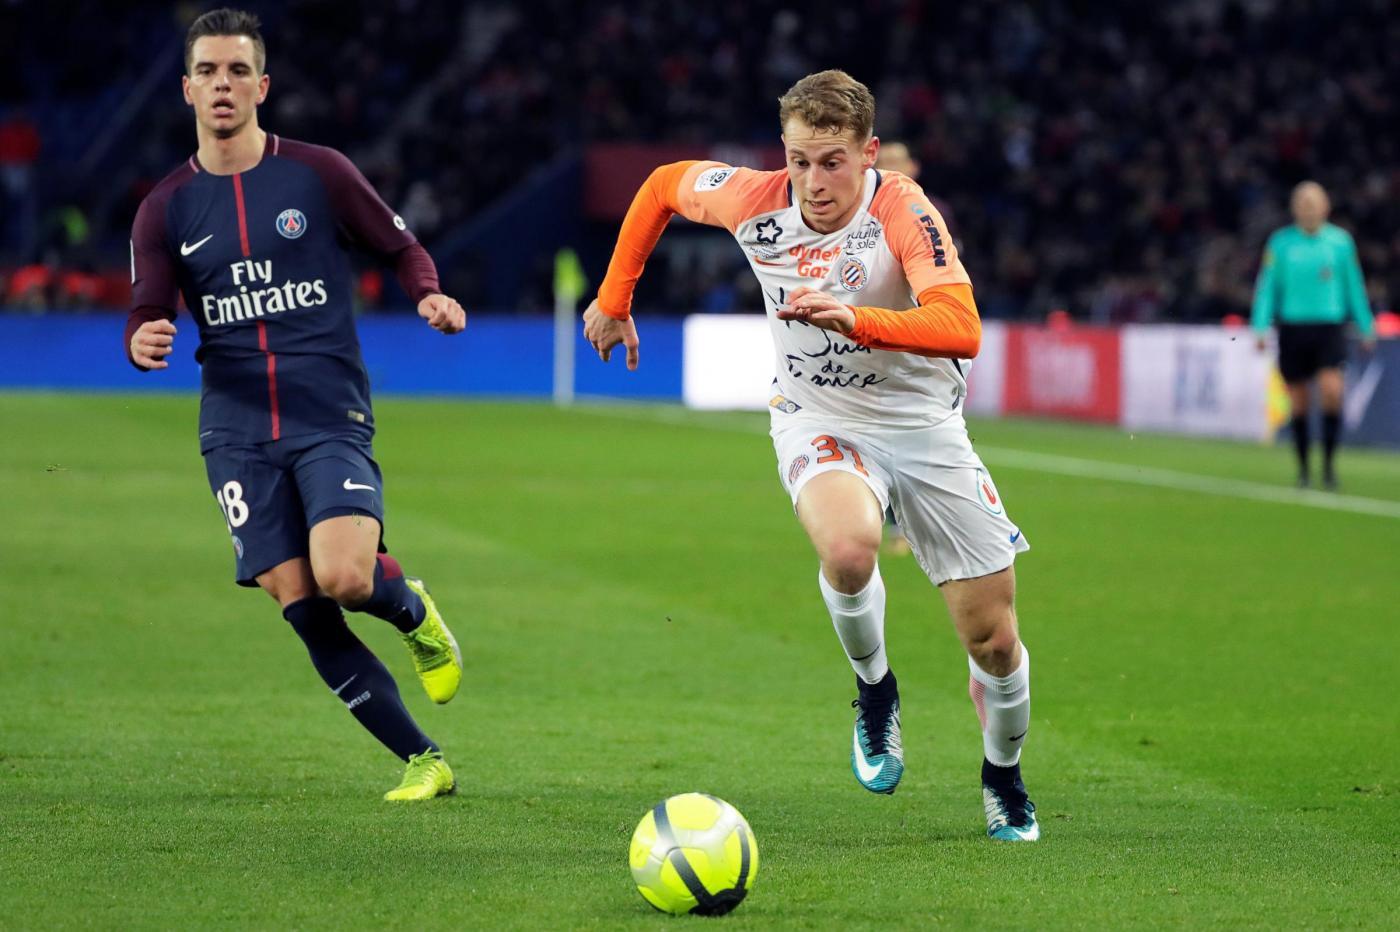 Montpellier-Caen 27 gennaio: match valido per la 22 esima giornata del campionato francese. Quale delle 2 squadre uscirà dalla crisi?